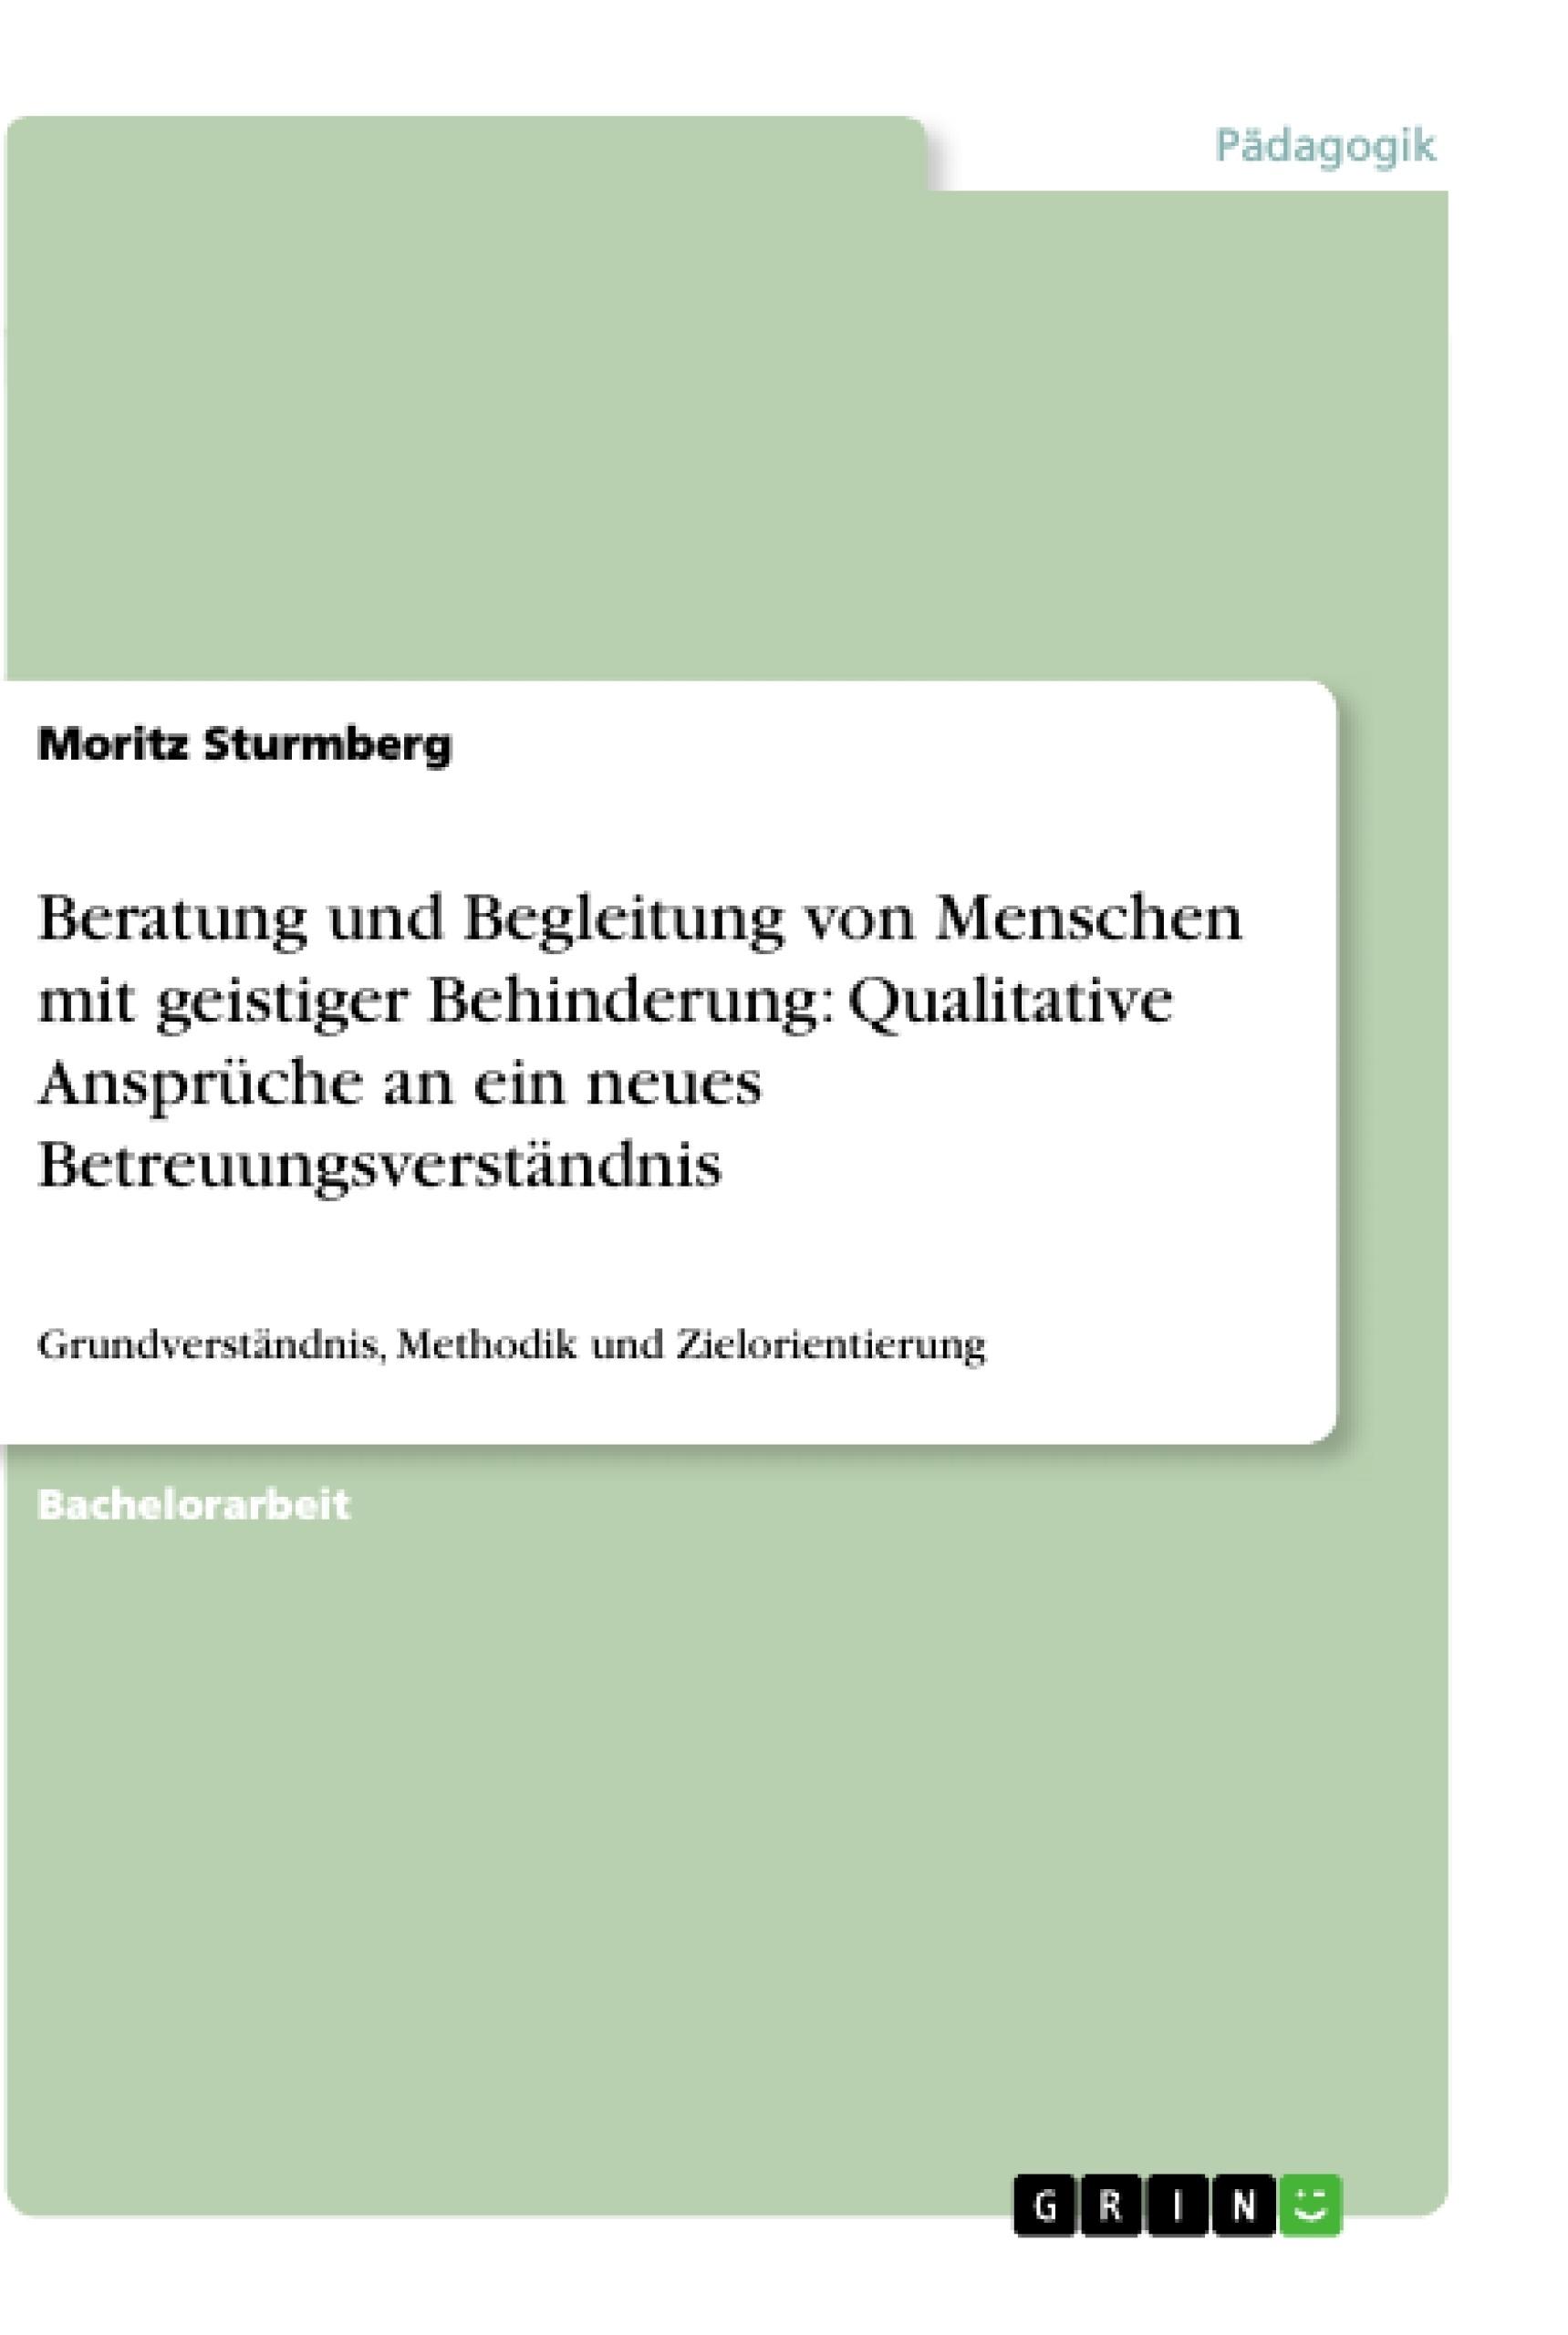 Titel: Beratung und Begleitung von Menschen mit geistiger Behinderung: Qualitative Ansprüche an ein neues Betreuungsverständnis